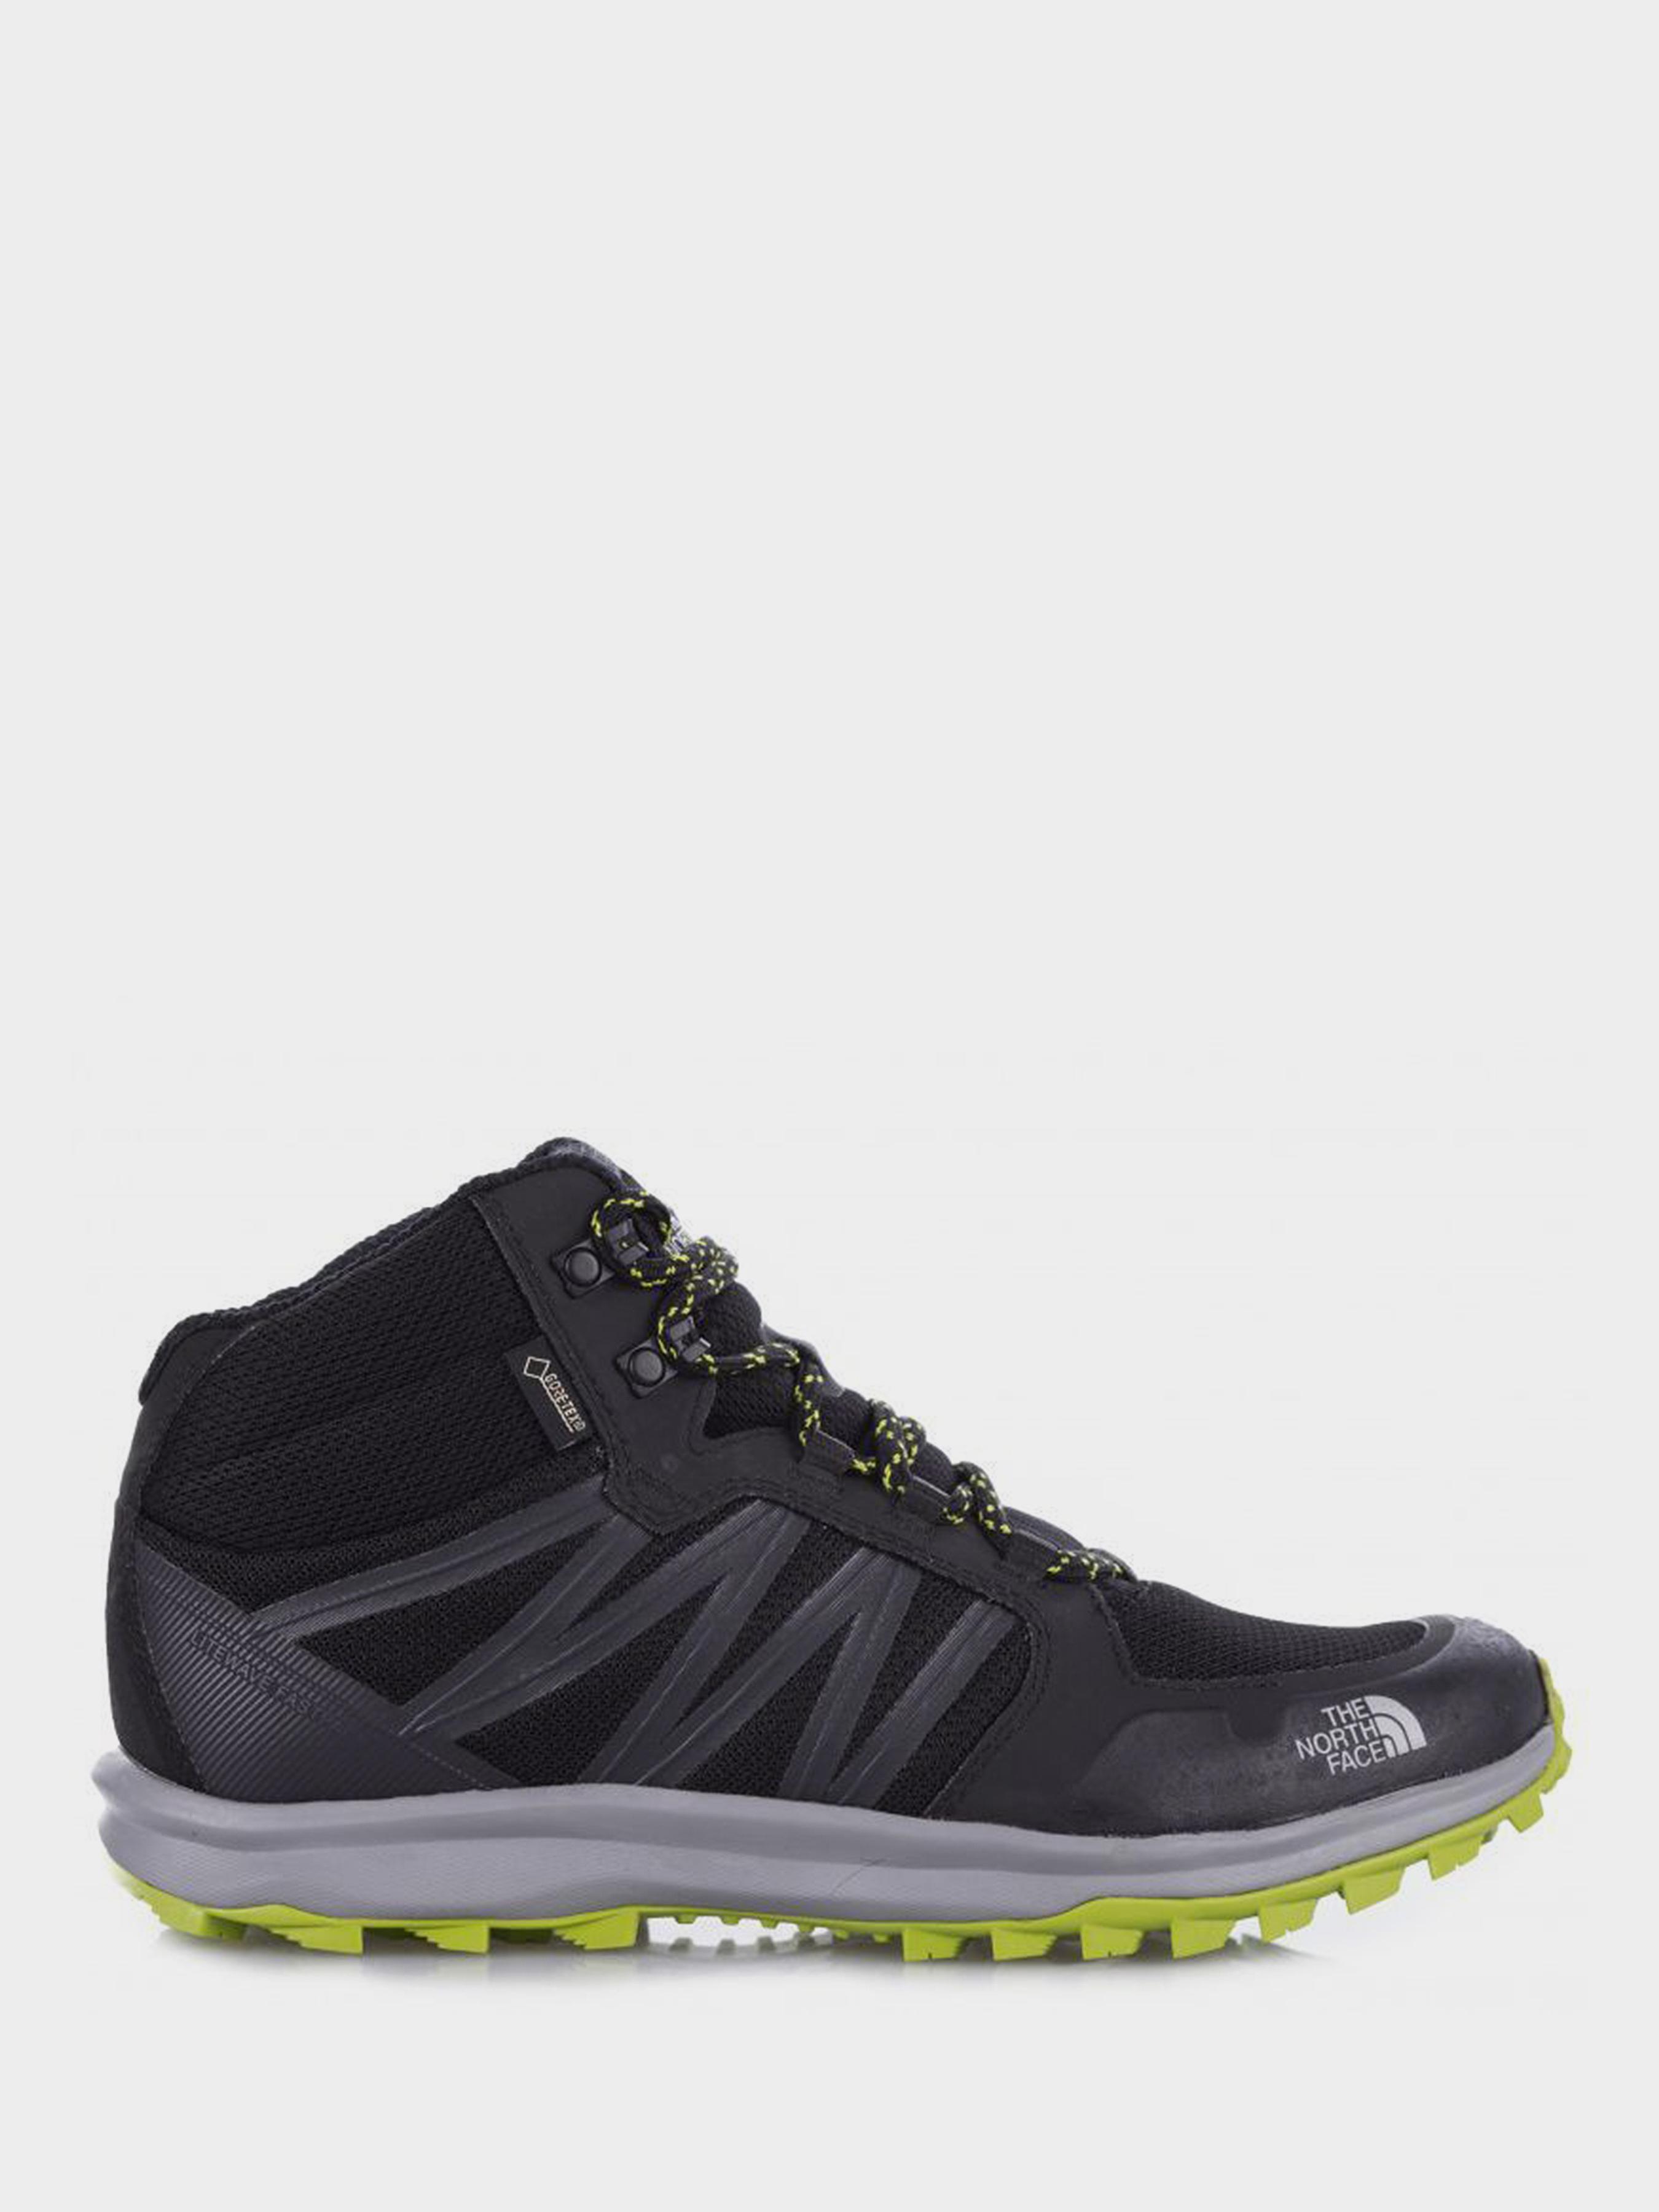 Купить Ботинки мужские The North Face LFP MID GTX (GC) NT70, Черный